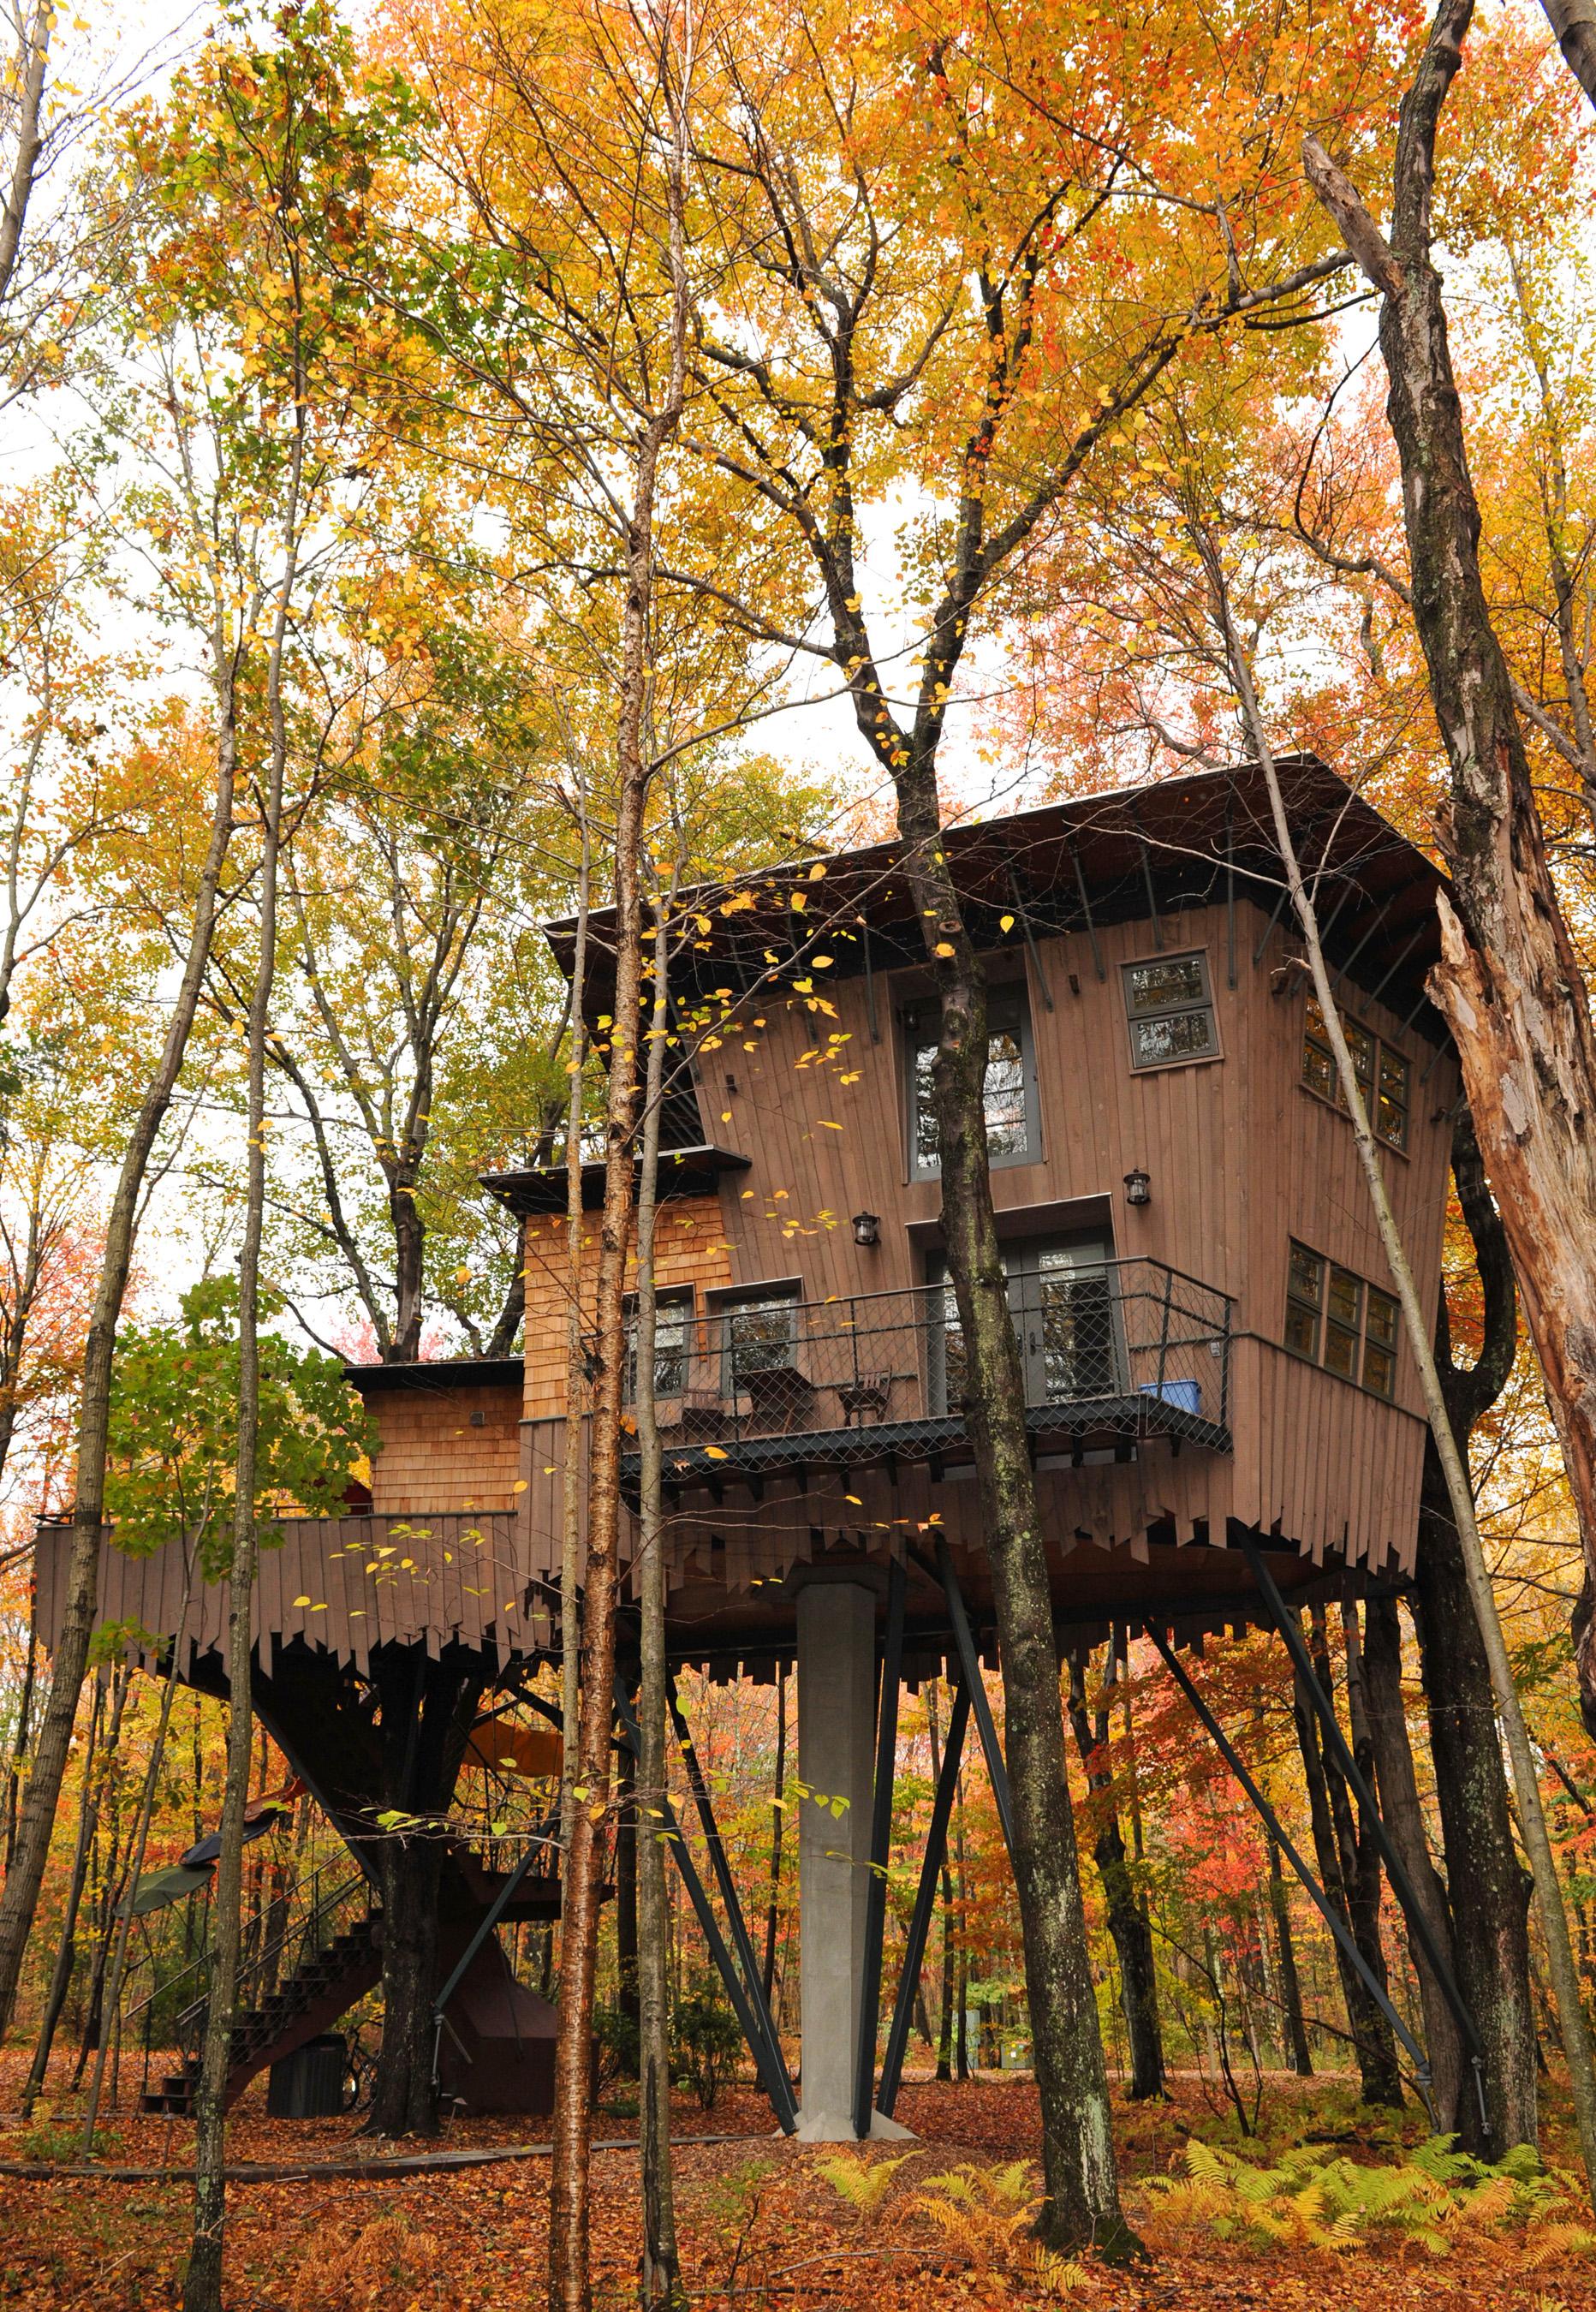 Winvian Farm's Treehouse in Connecticut